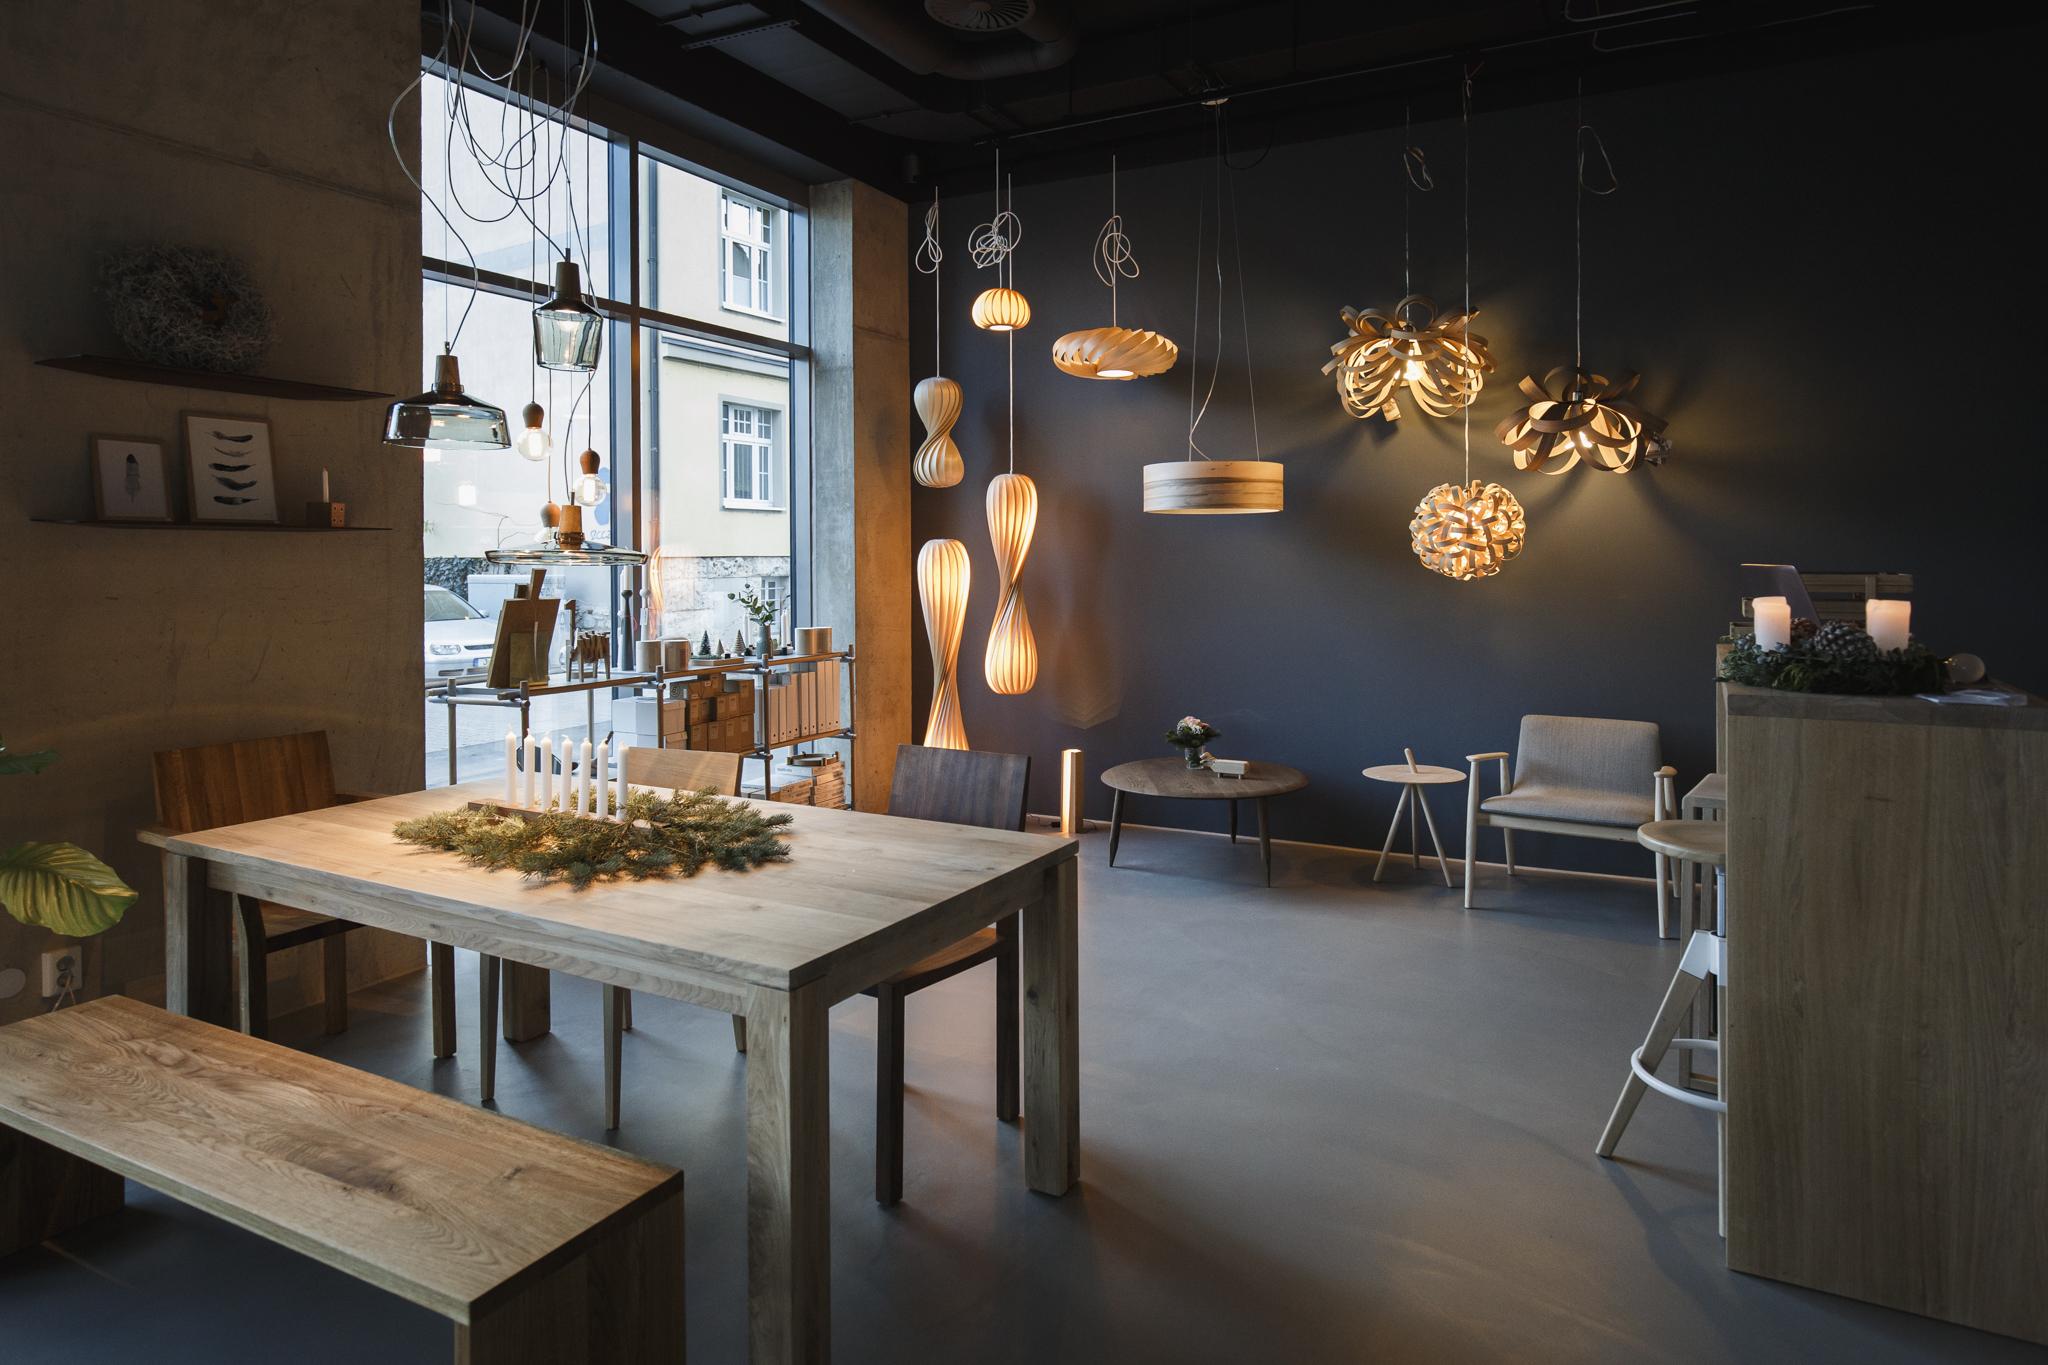 Holz & Hygge Jena - Shop für nordische Designmöbel und Café